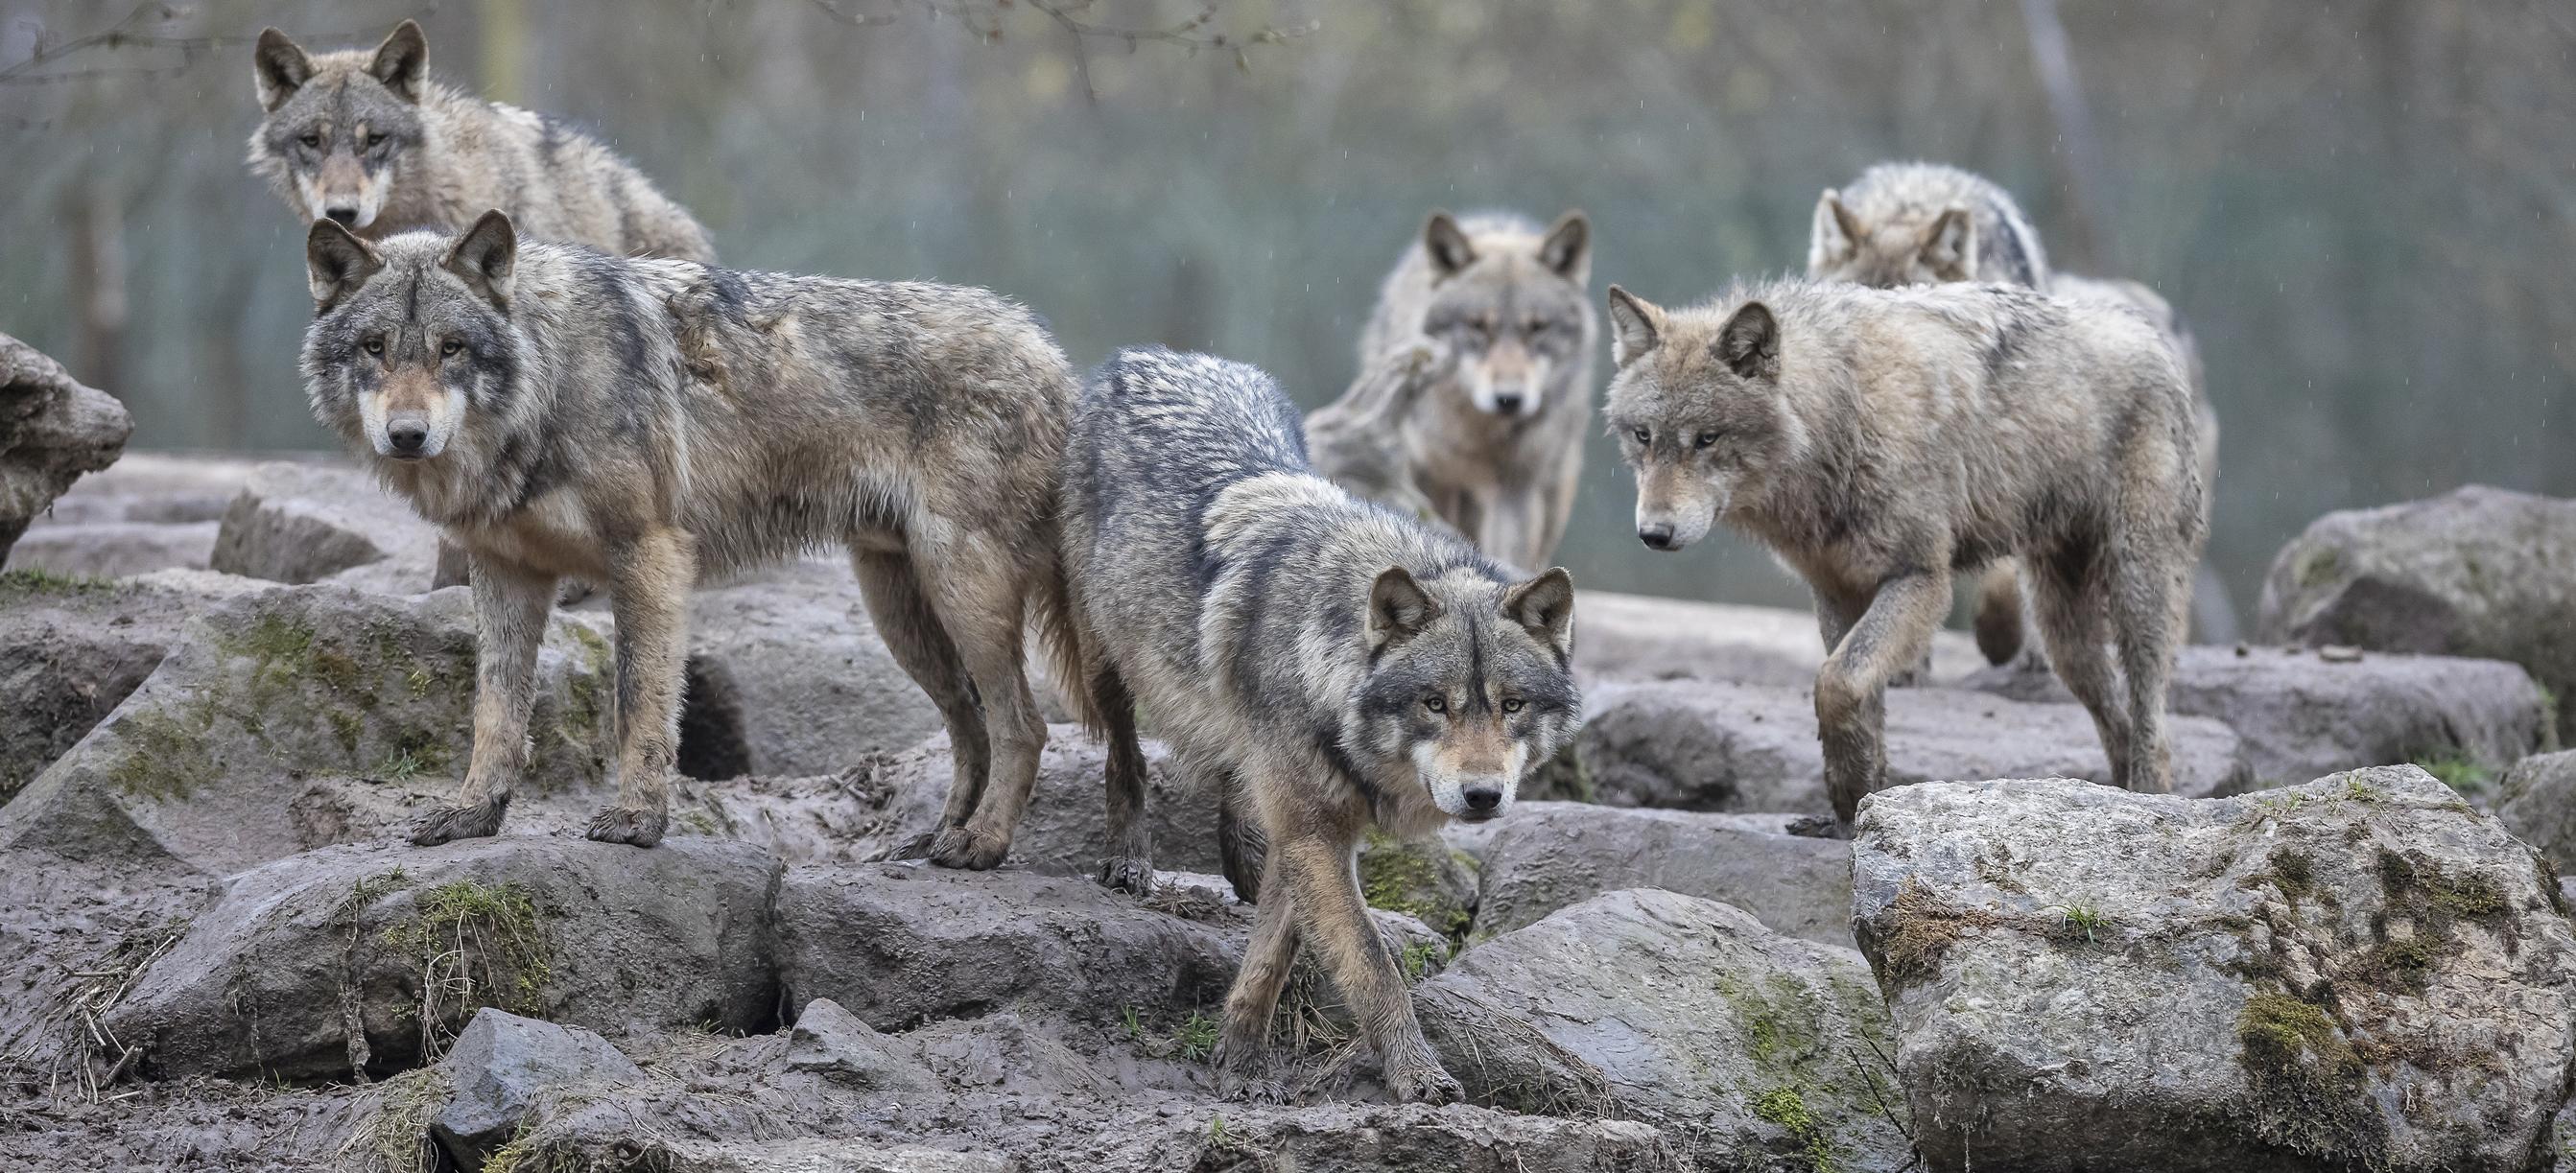 Ministerin Klöckner: Weidetiere vor dem Wolf schützen